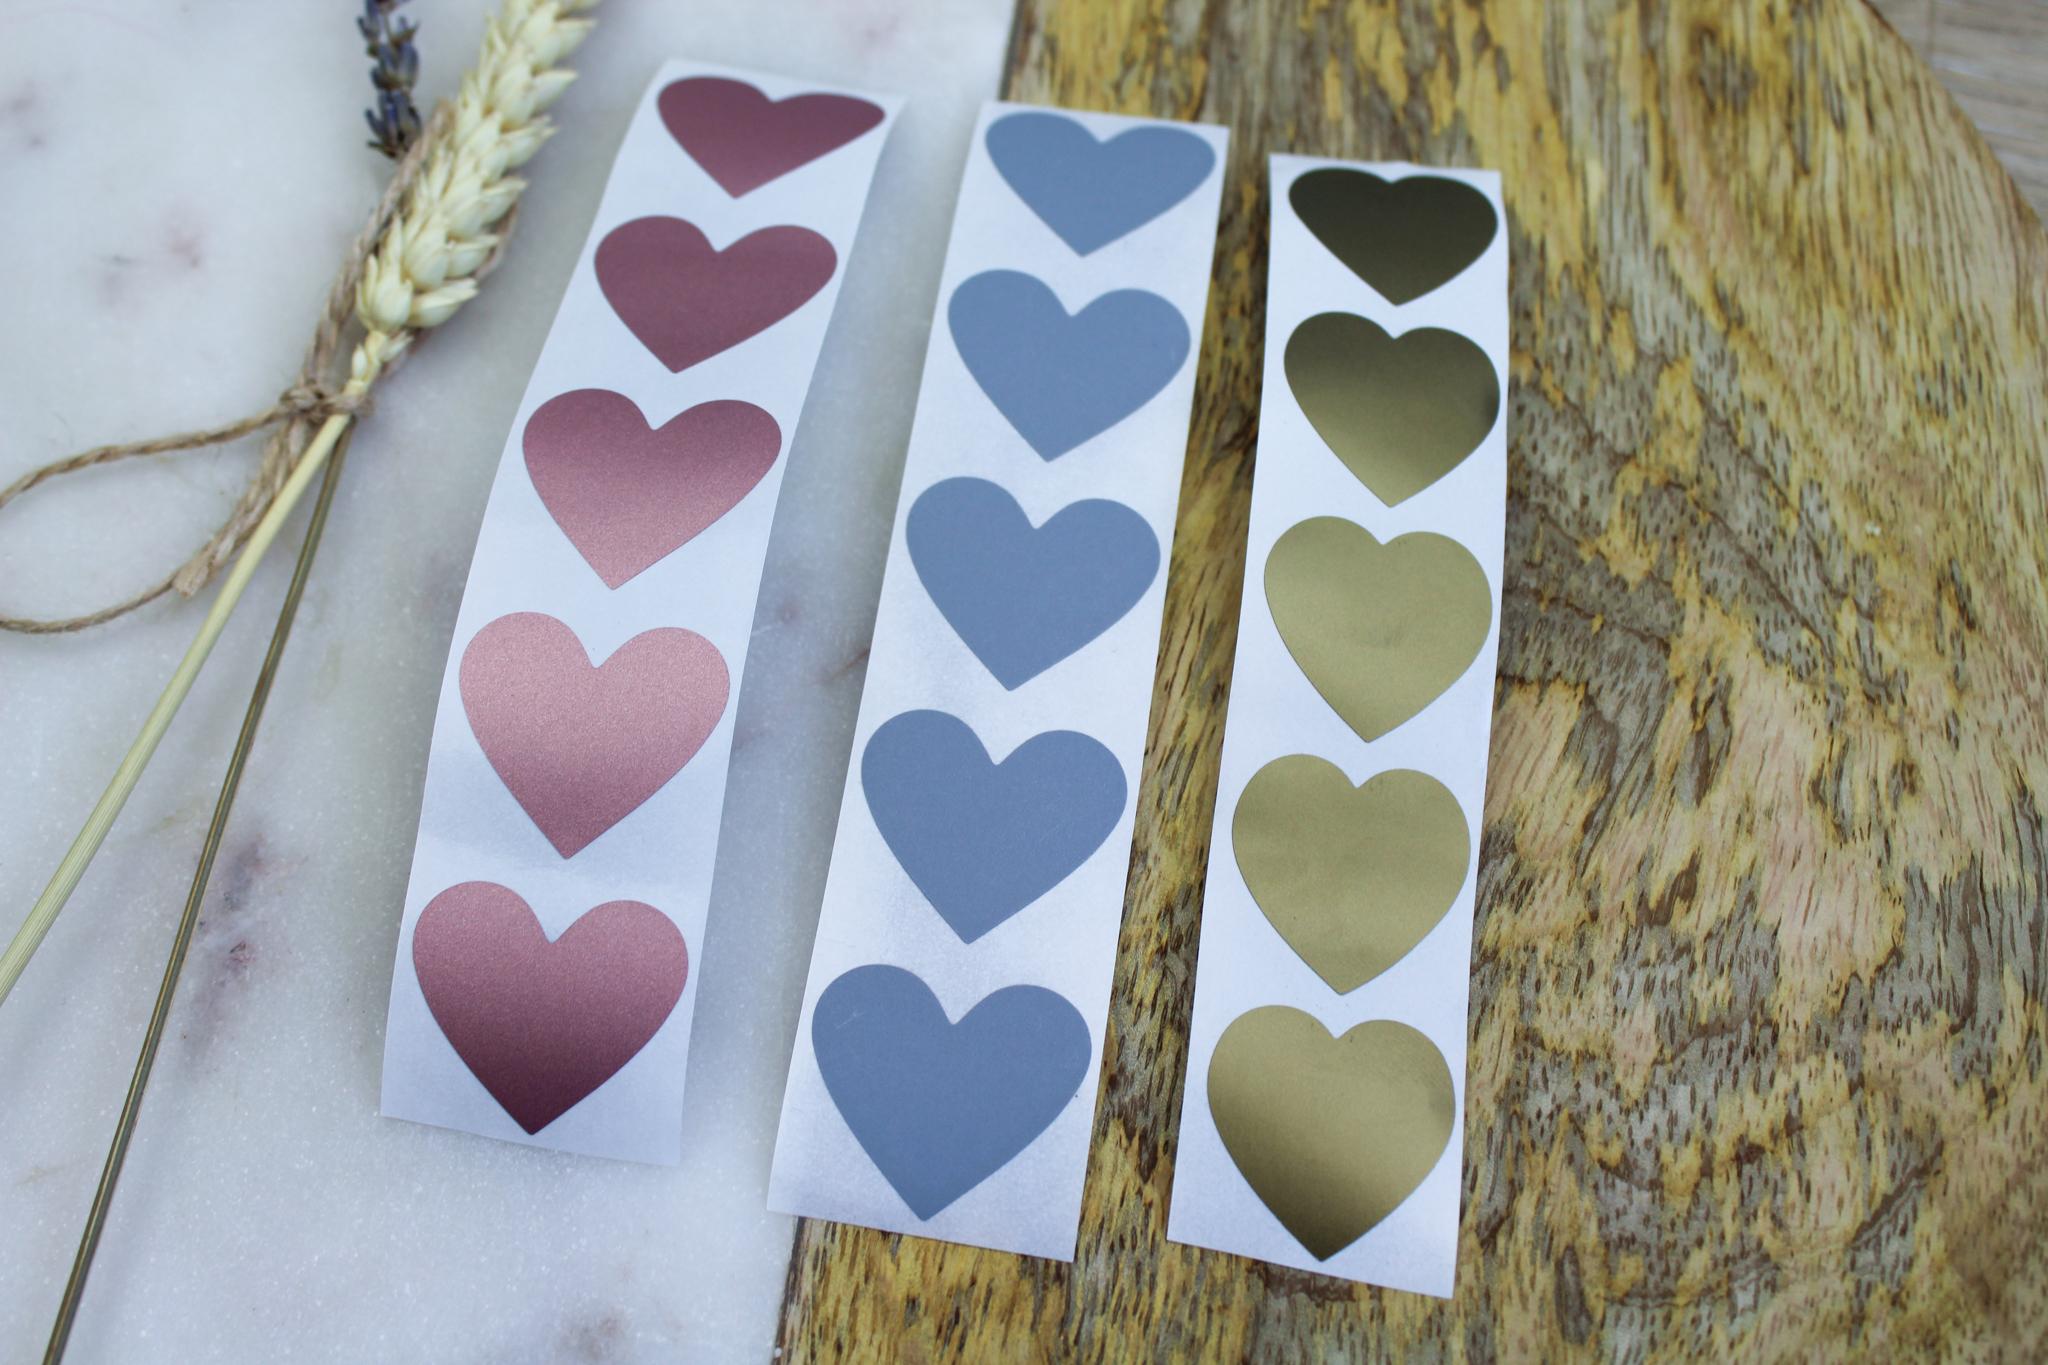 krasstickers goud zilver rosegoud hart hartjes ideefabriek